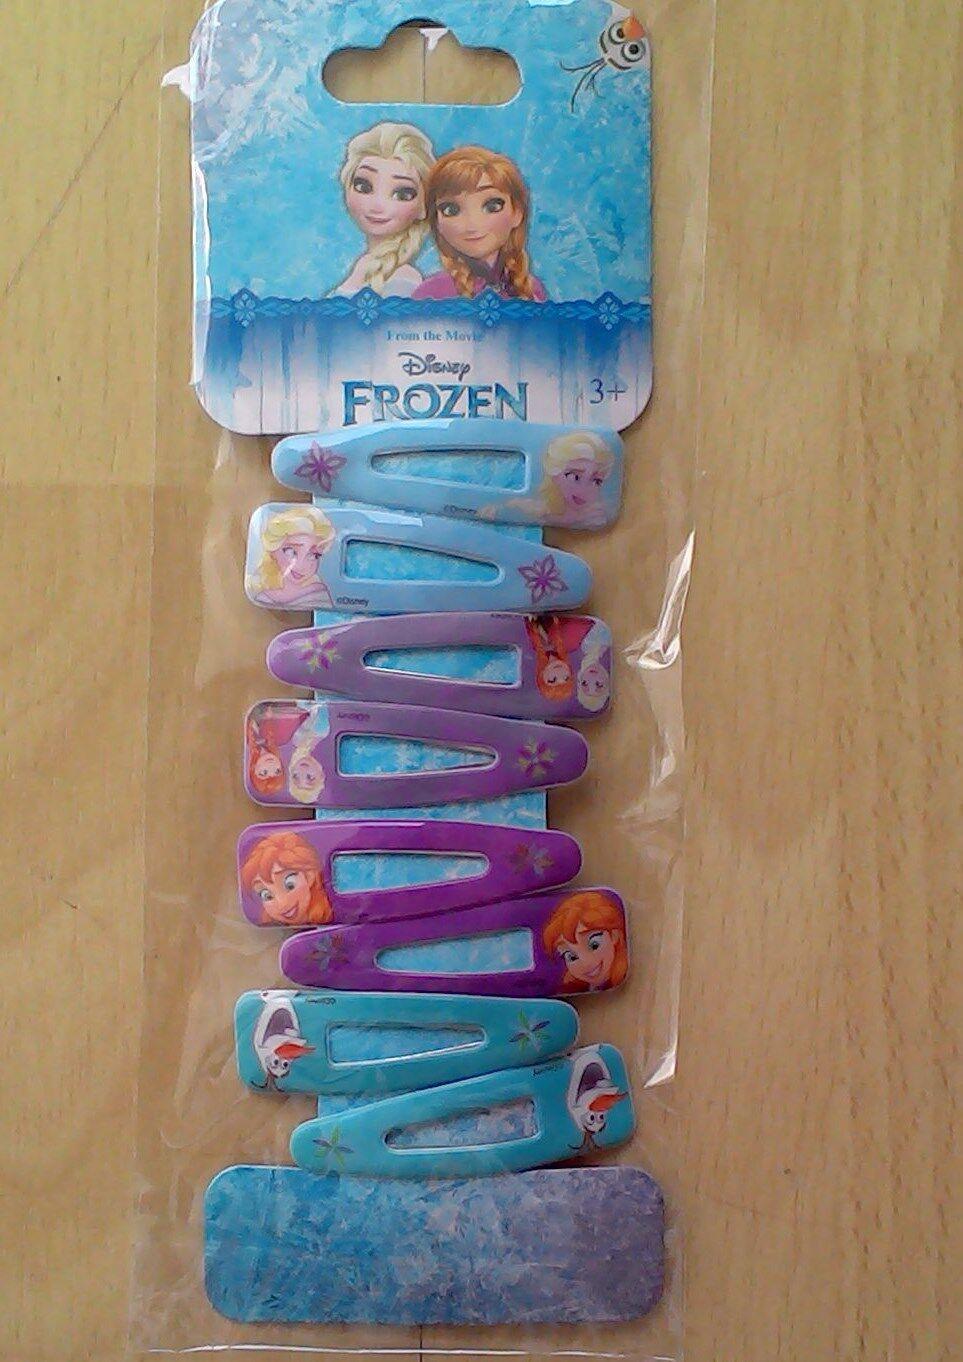 Frozen Eiskönigin 8 mal Haarspangen Haarklammern Prinzessin Elsa Anna Neu / OVP*